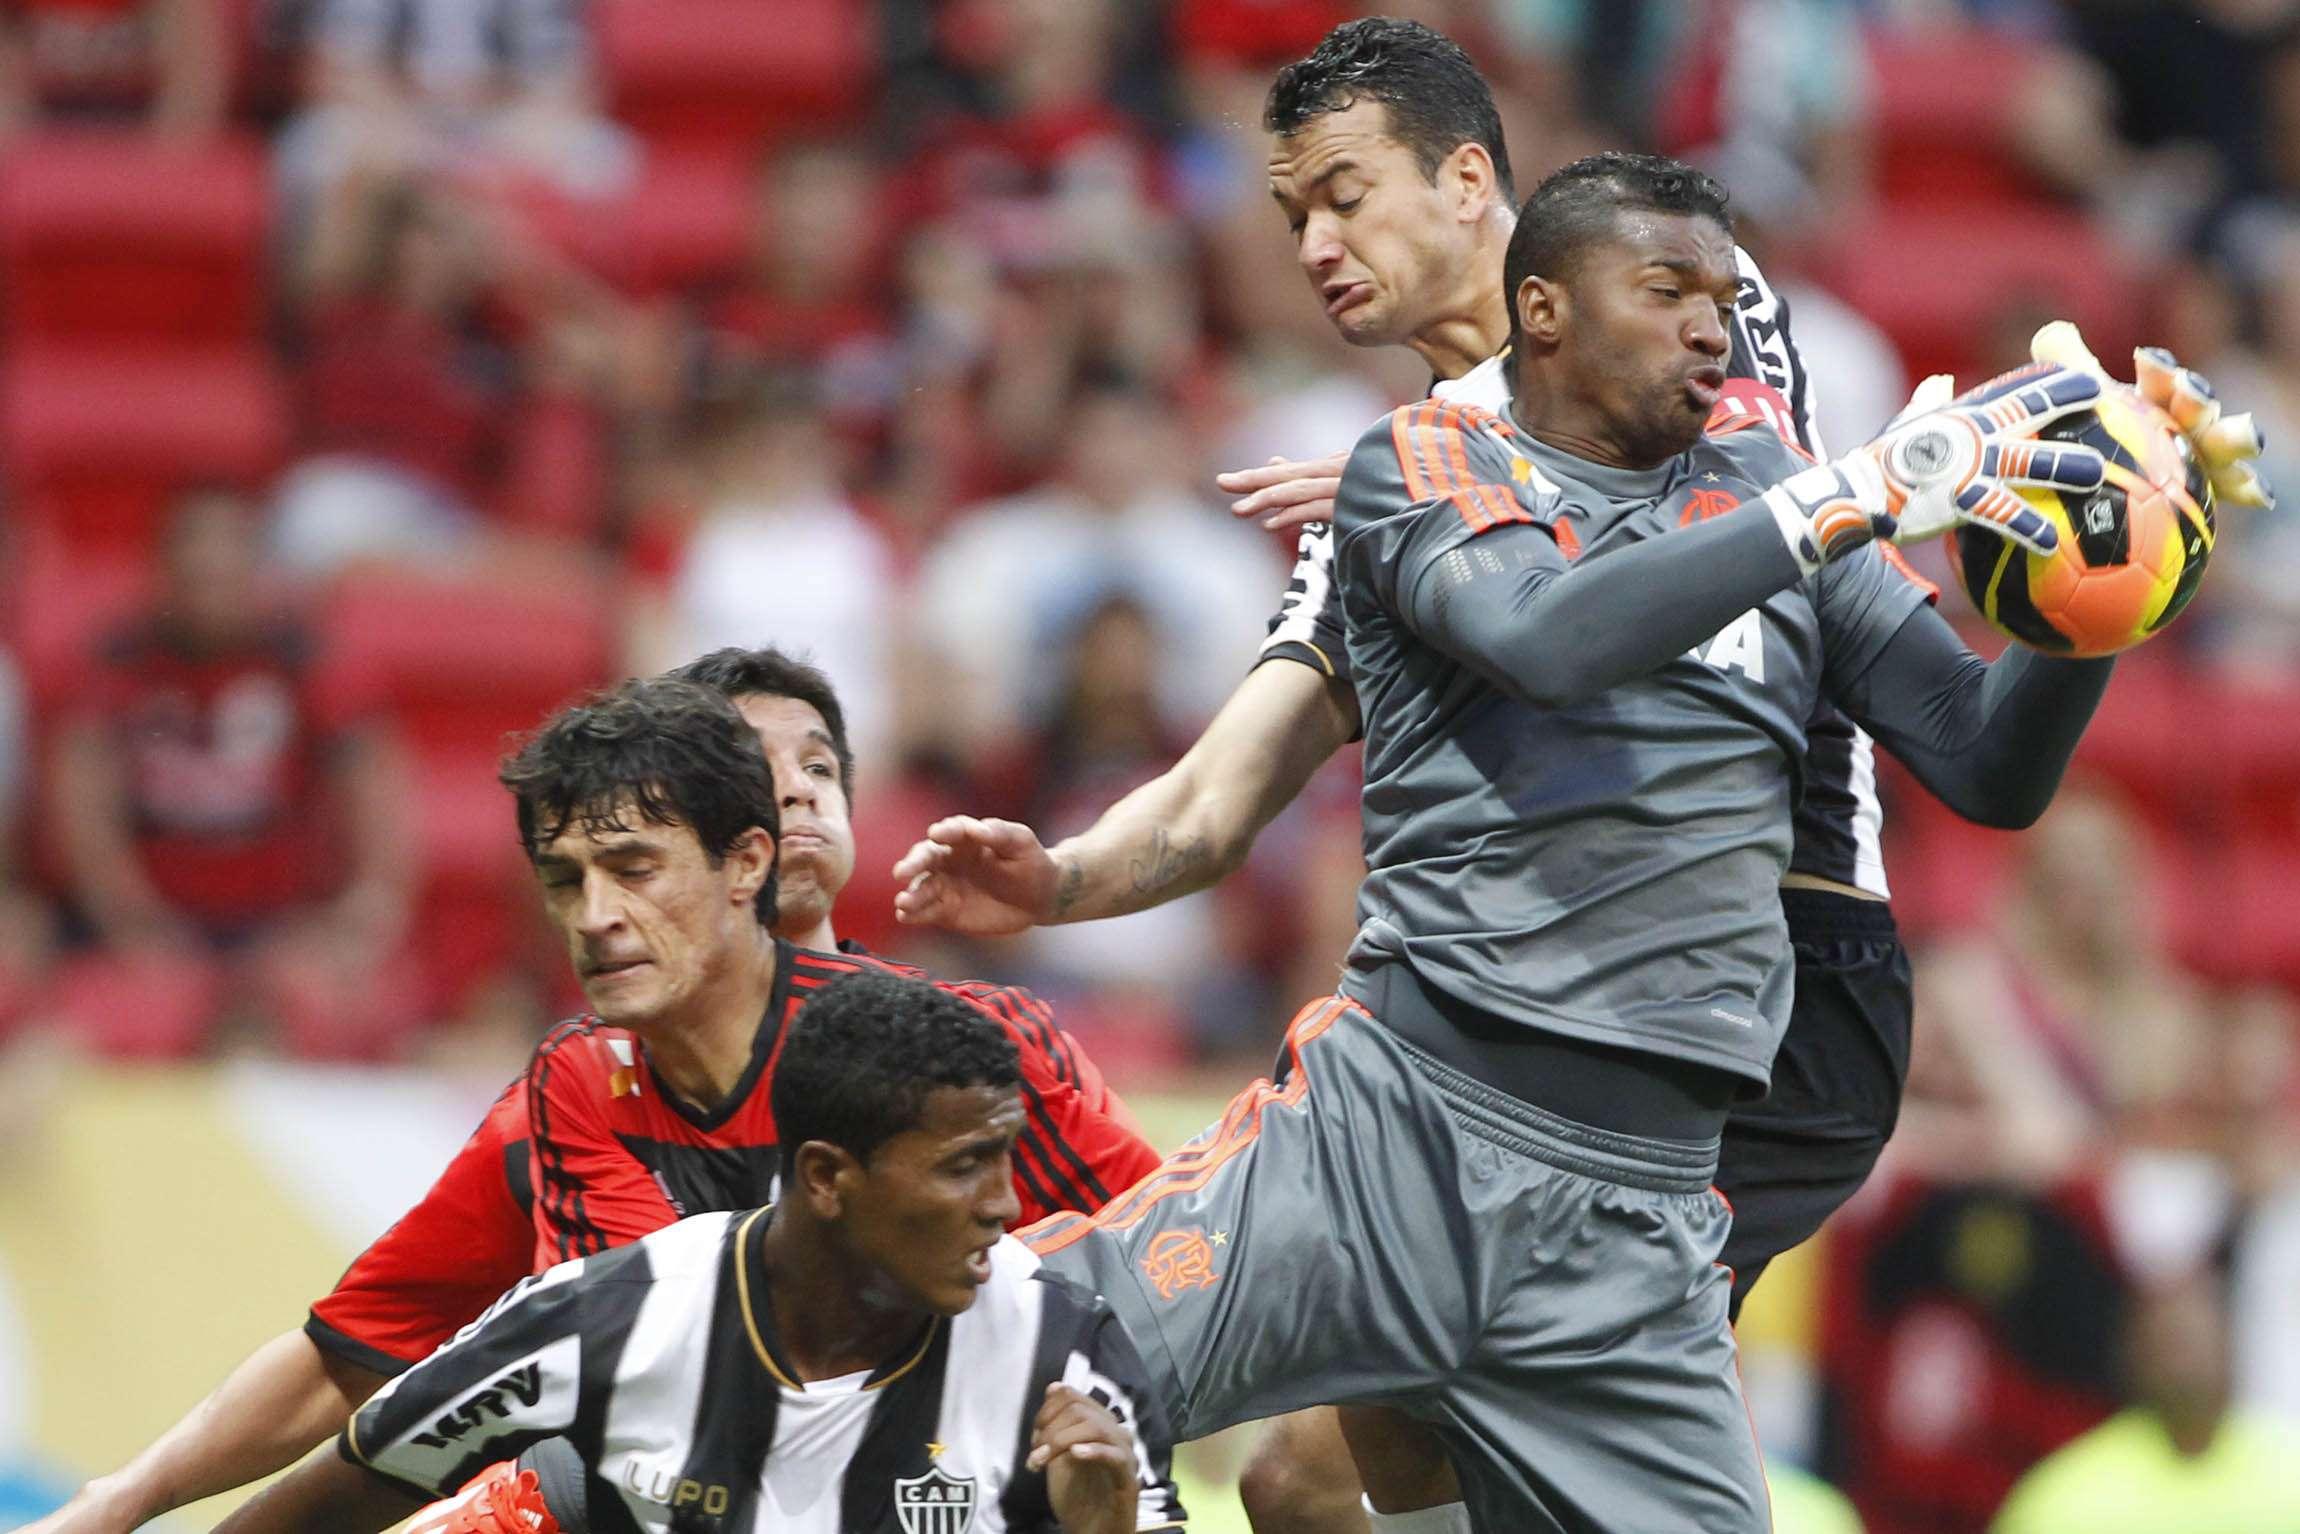 Felipe, que fez boas defesas no segundo tempo, auxiliou em vitória do Fla Foto: Adalberto Marques (Agif)/Gazeta Press